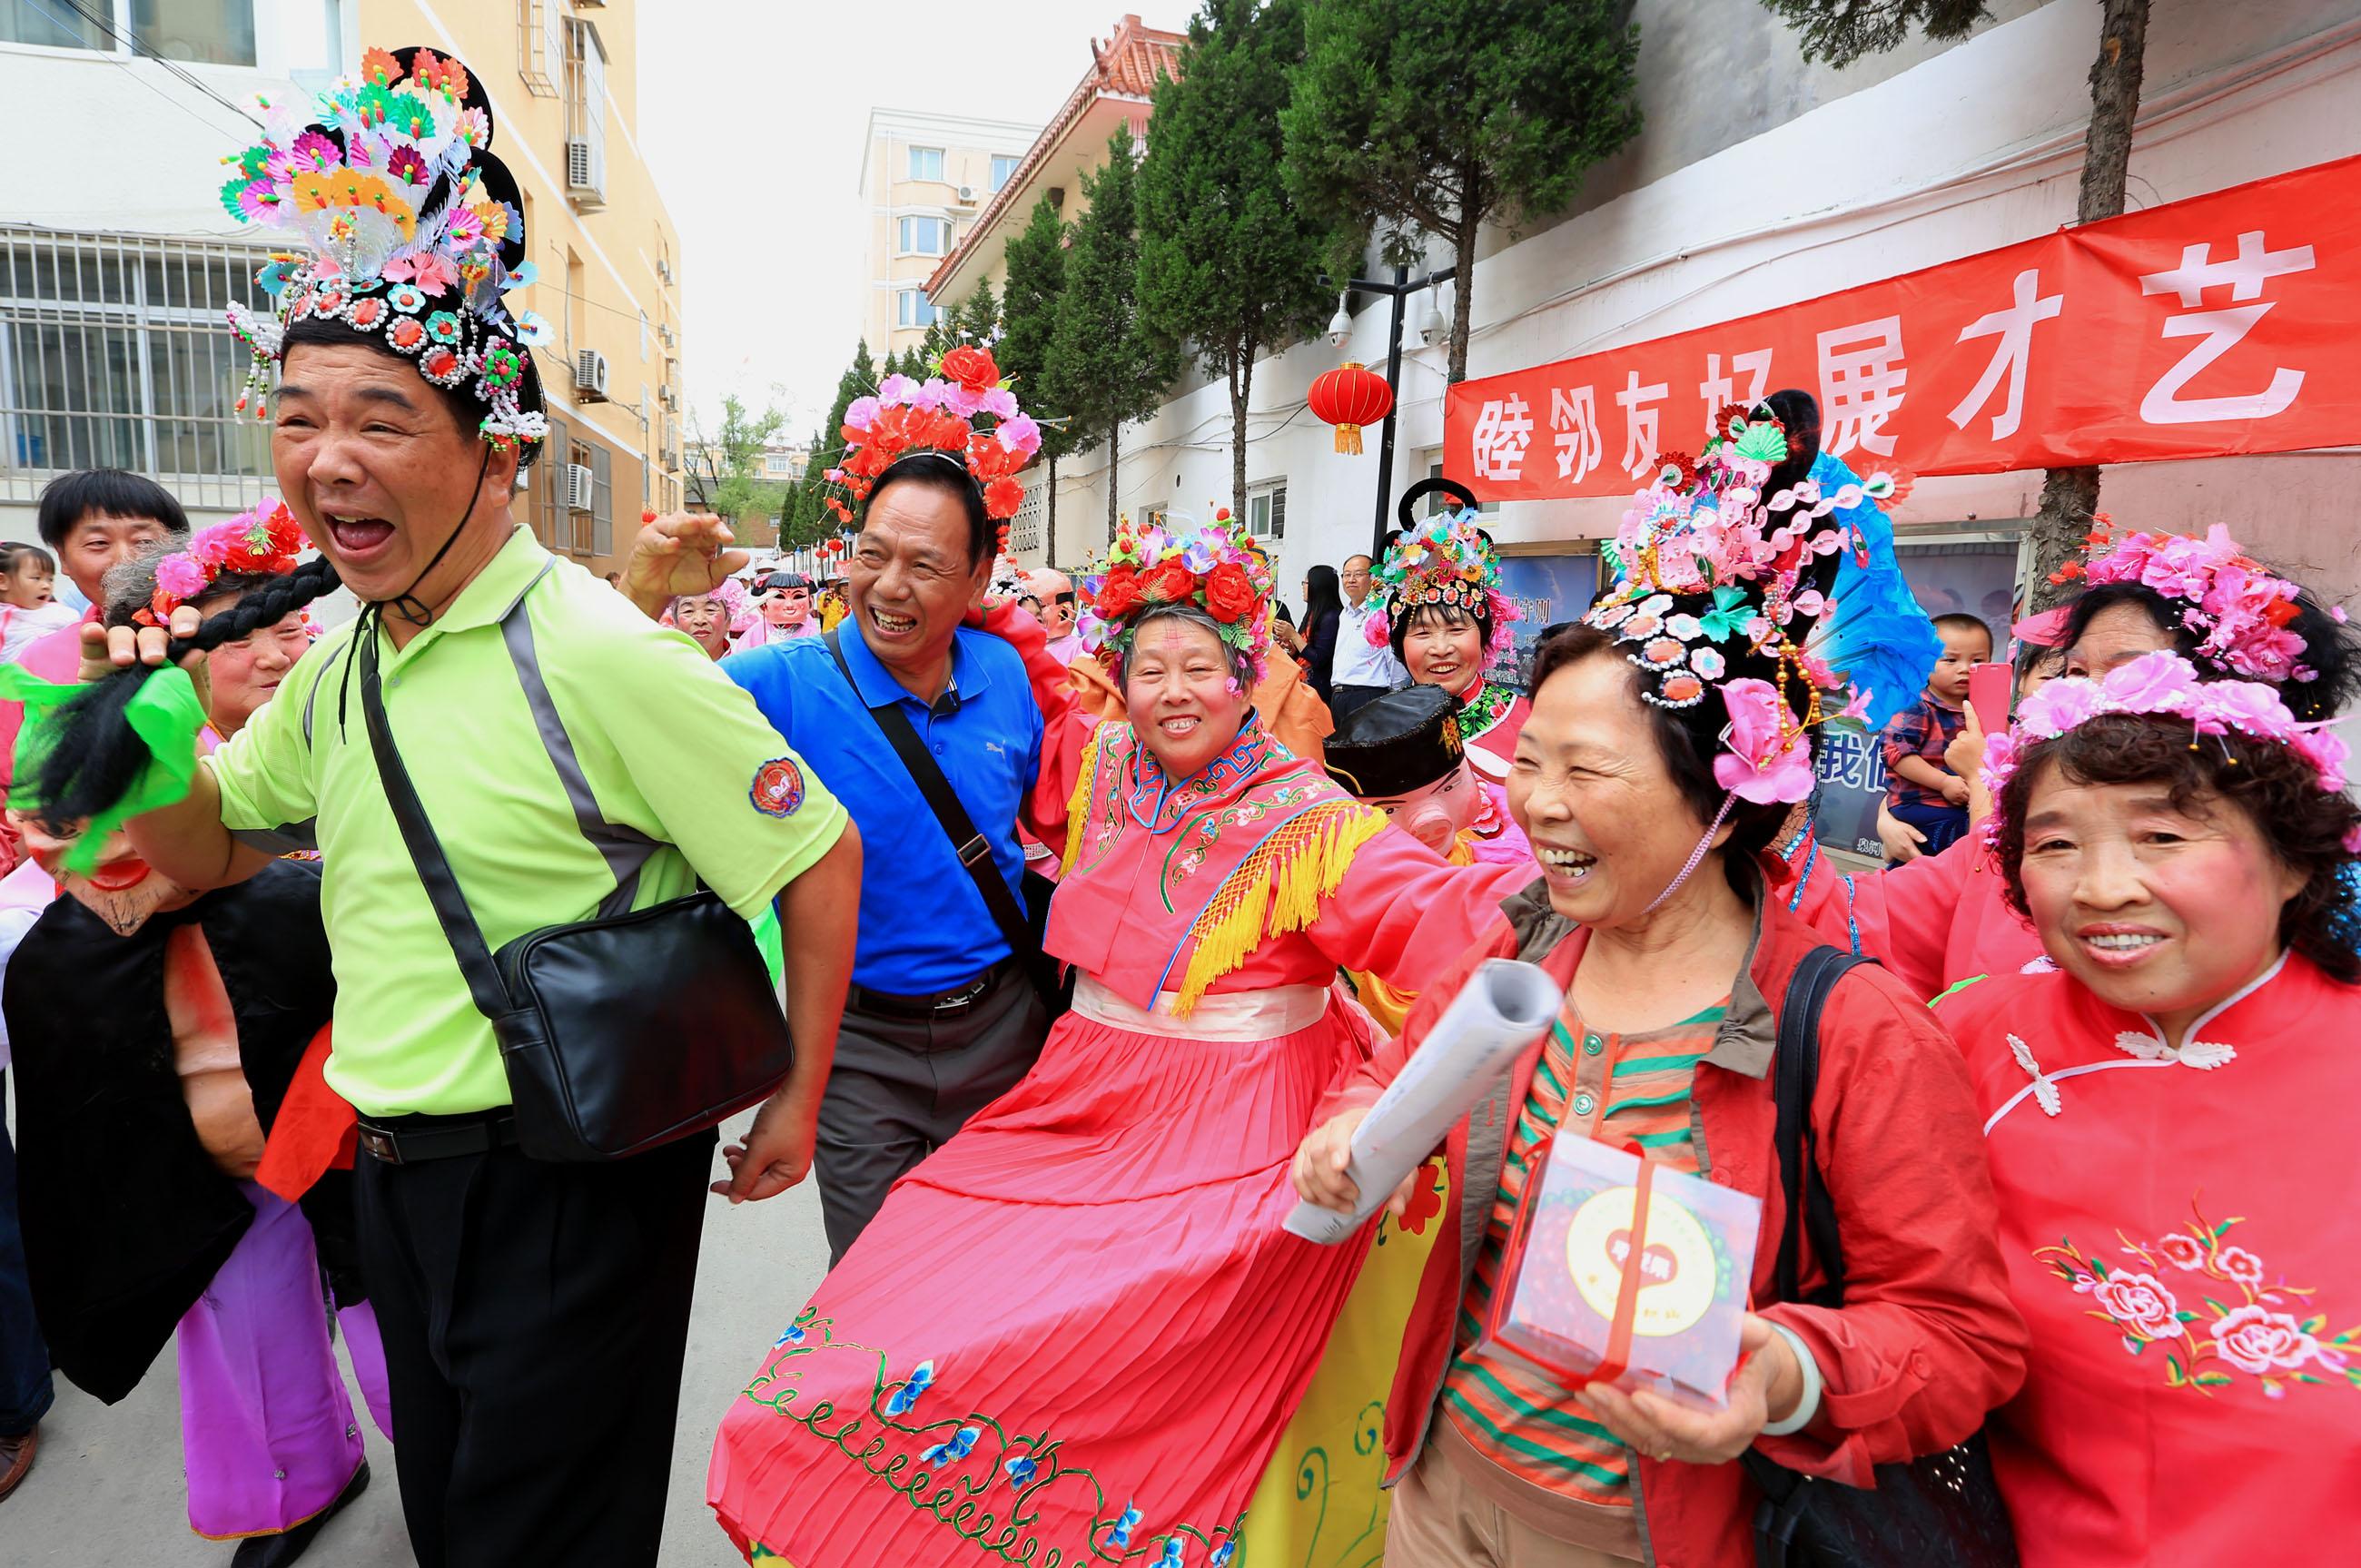 """2016年5月25日,在北京市怀柔区泉河街道""""邻里节""""上,来自高雄大寮区中兴里的23名台湾同胞与社区居民一起参加""""小车会""""表演。"""